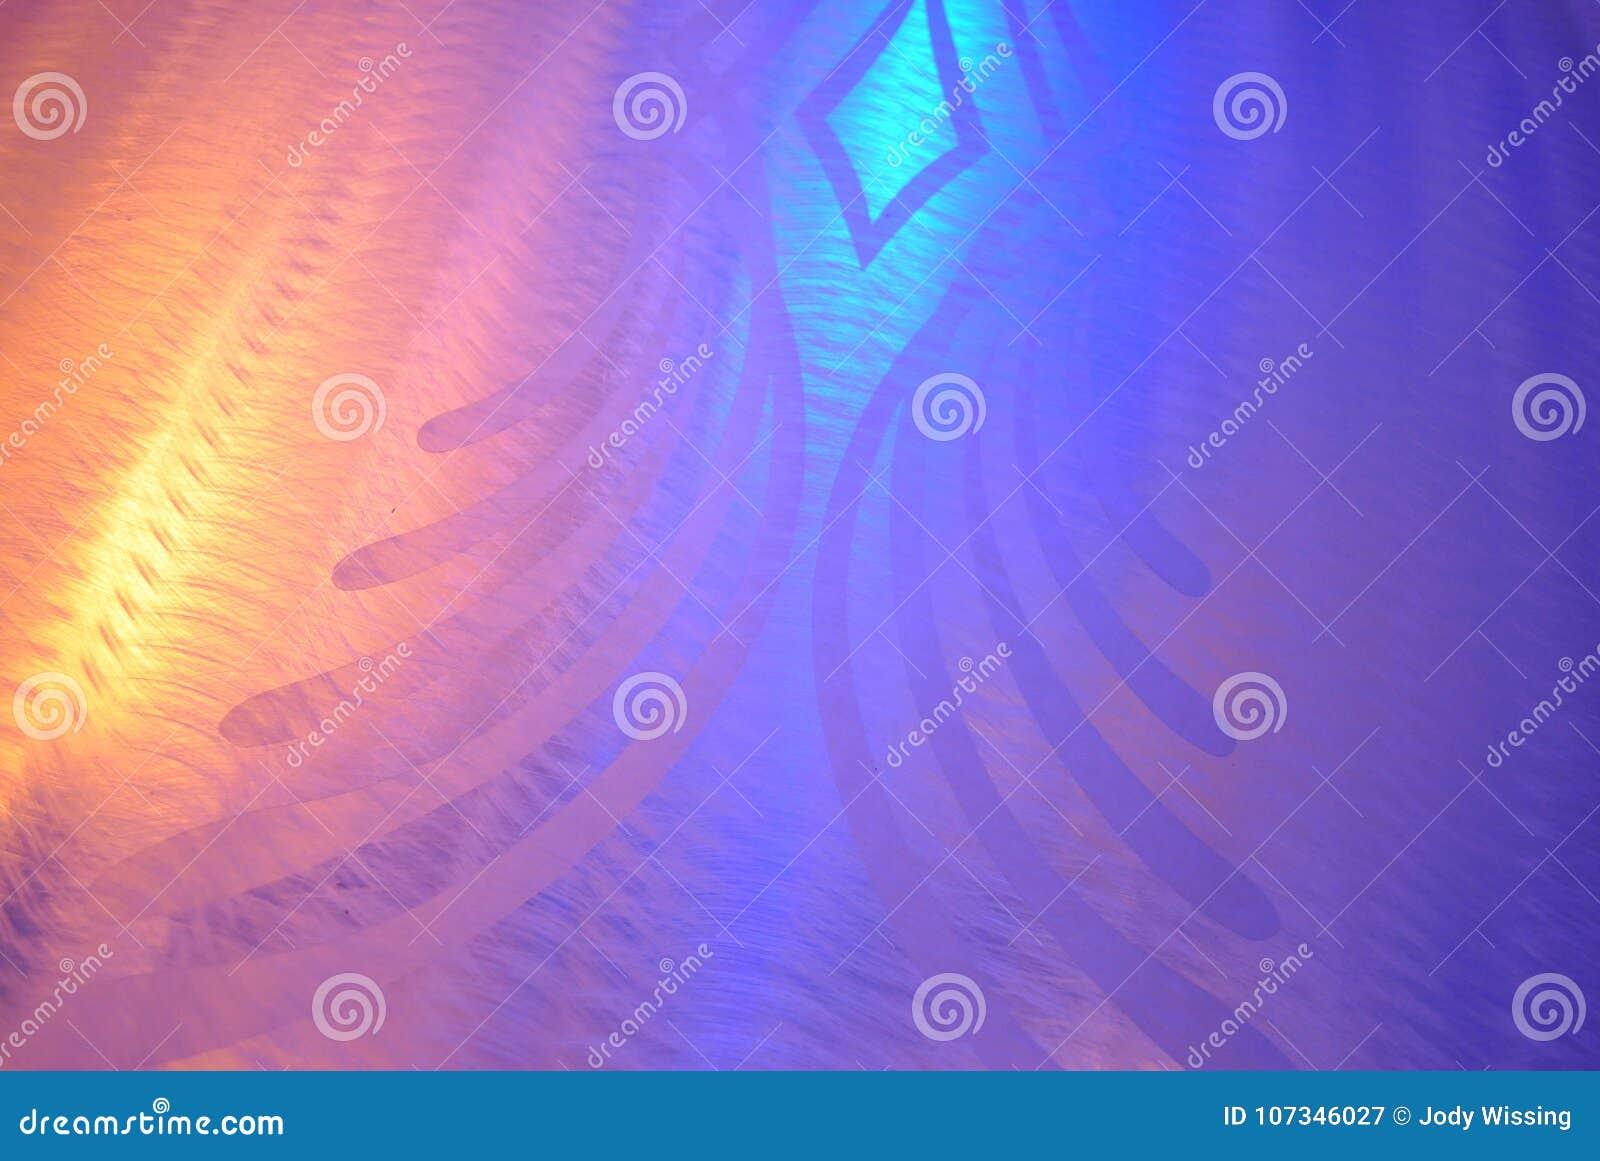 金刚石抽象背景光